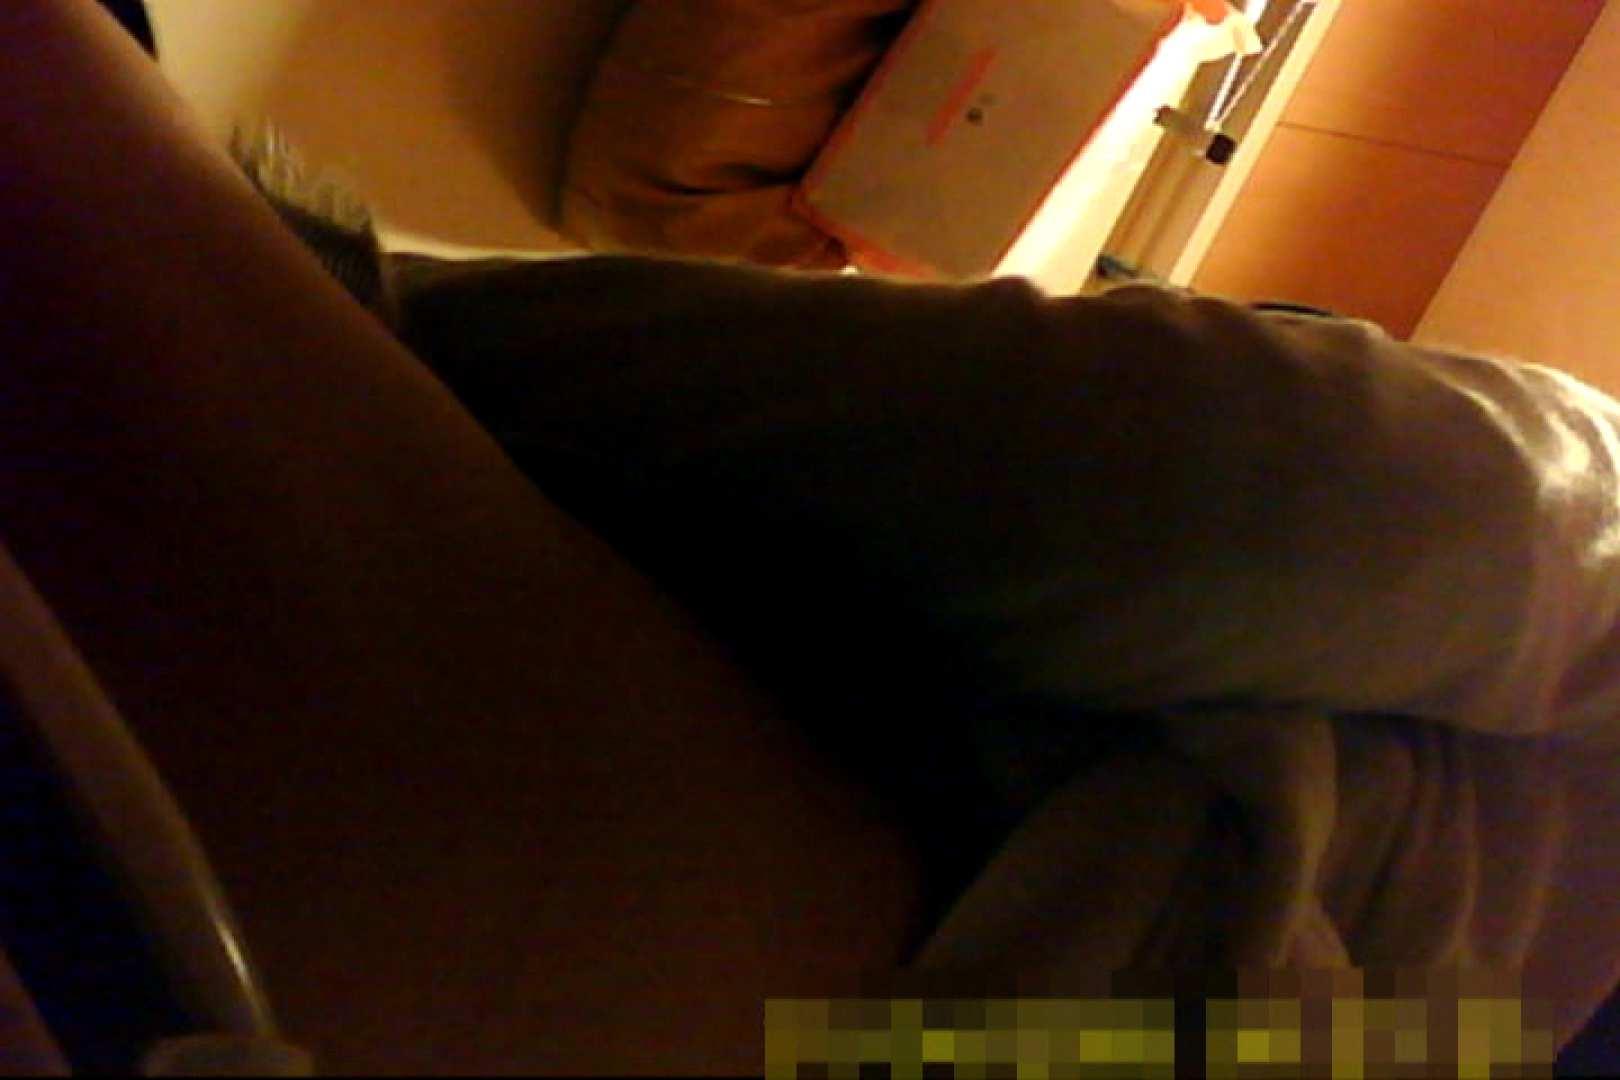 魅惑の化粧室~禁断のプライベート空間~33 プライベート  91画像 54